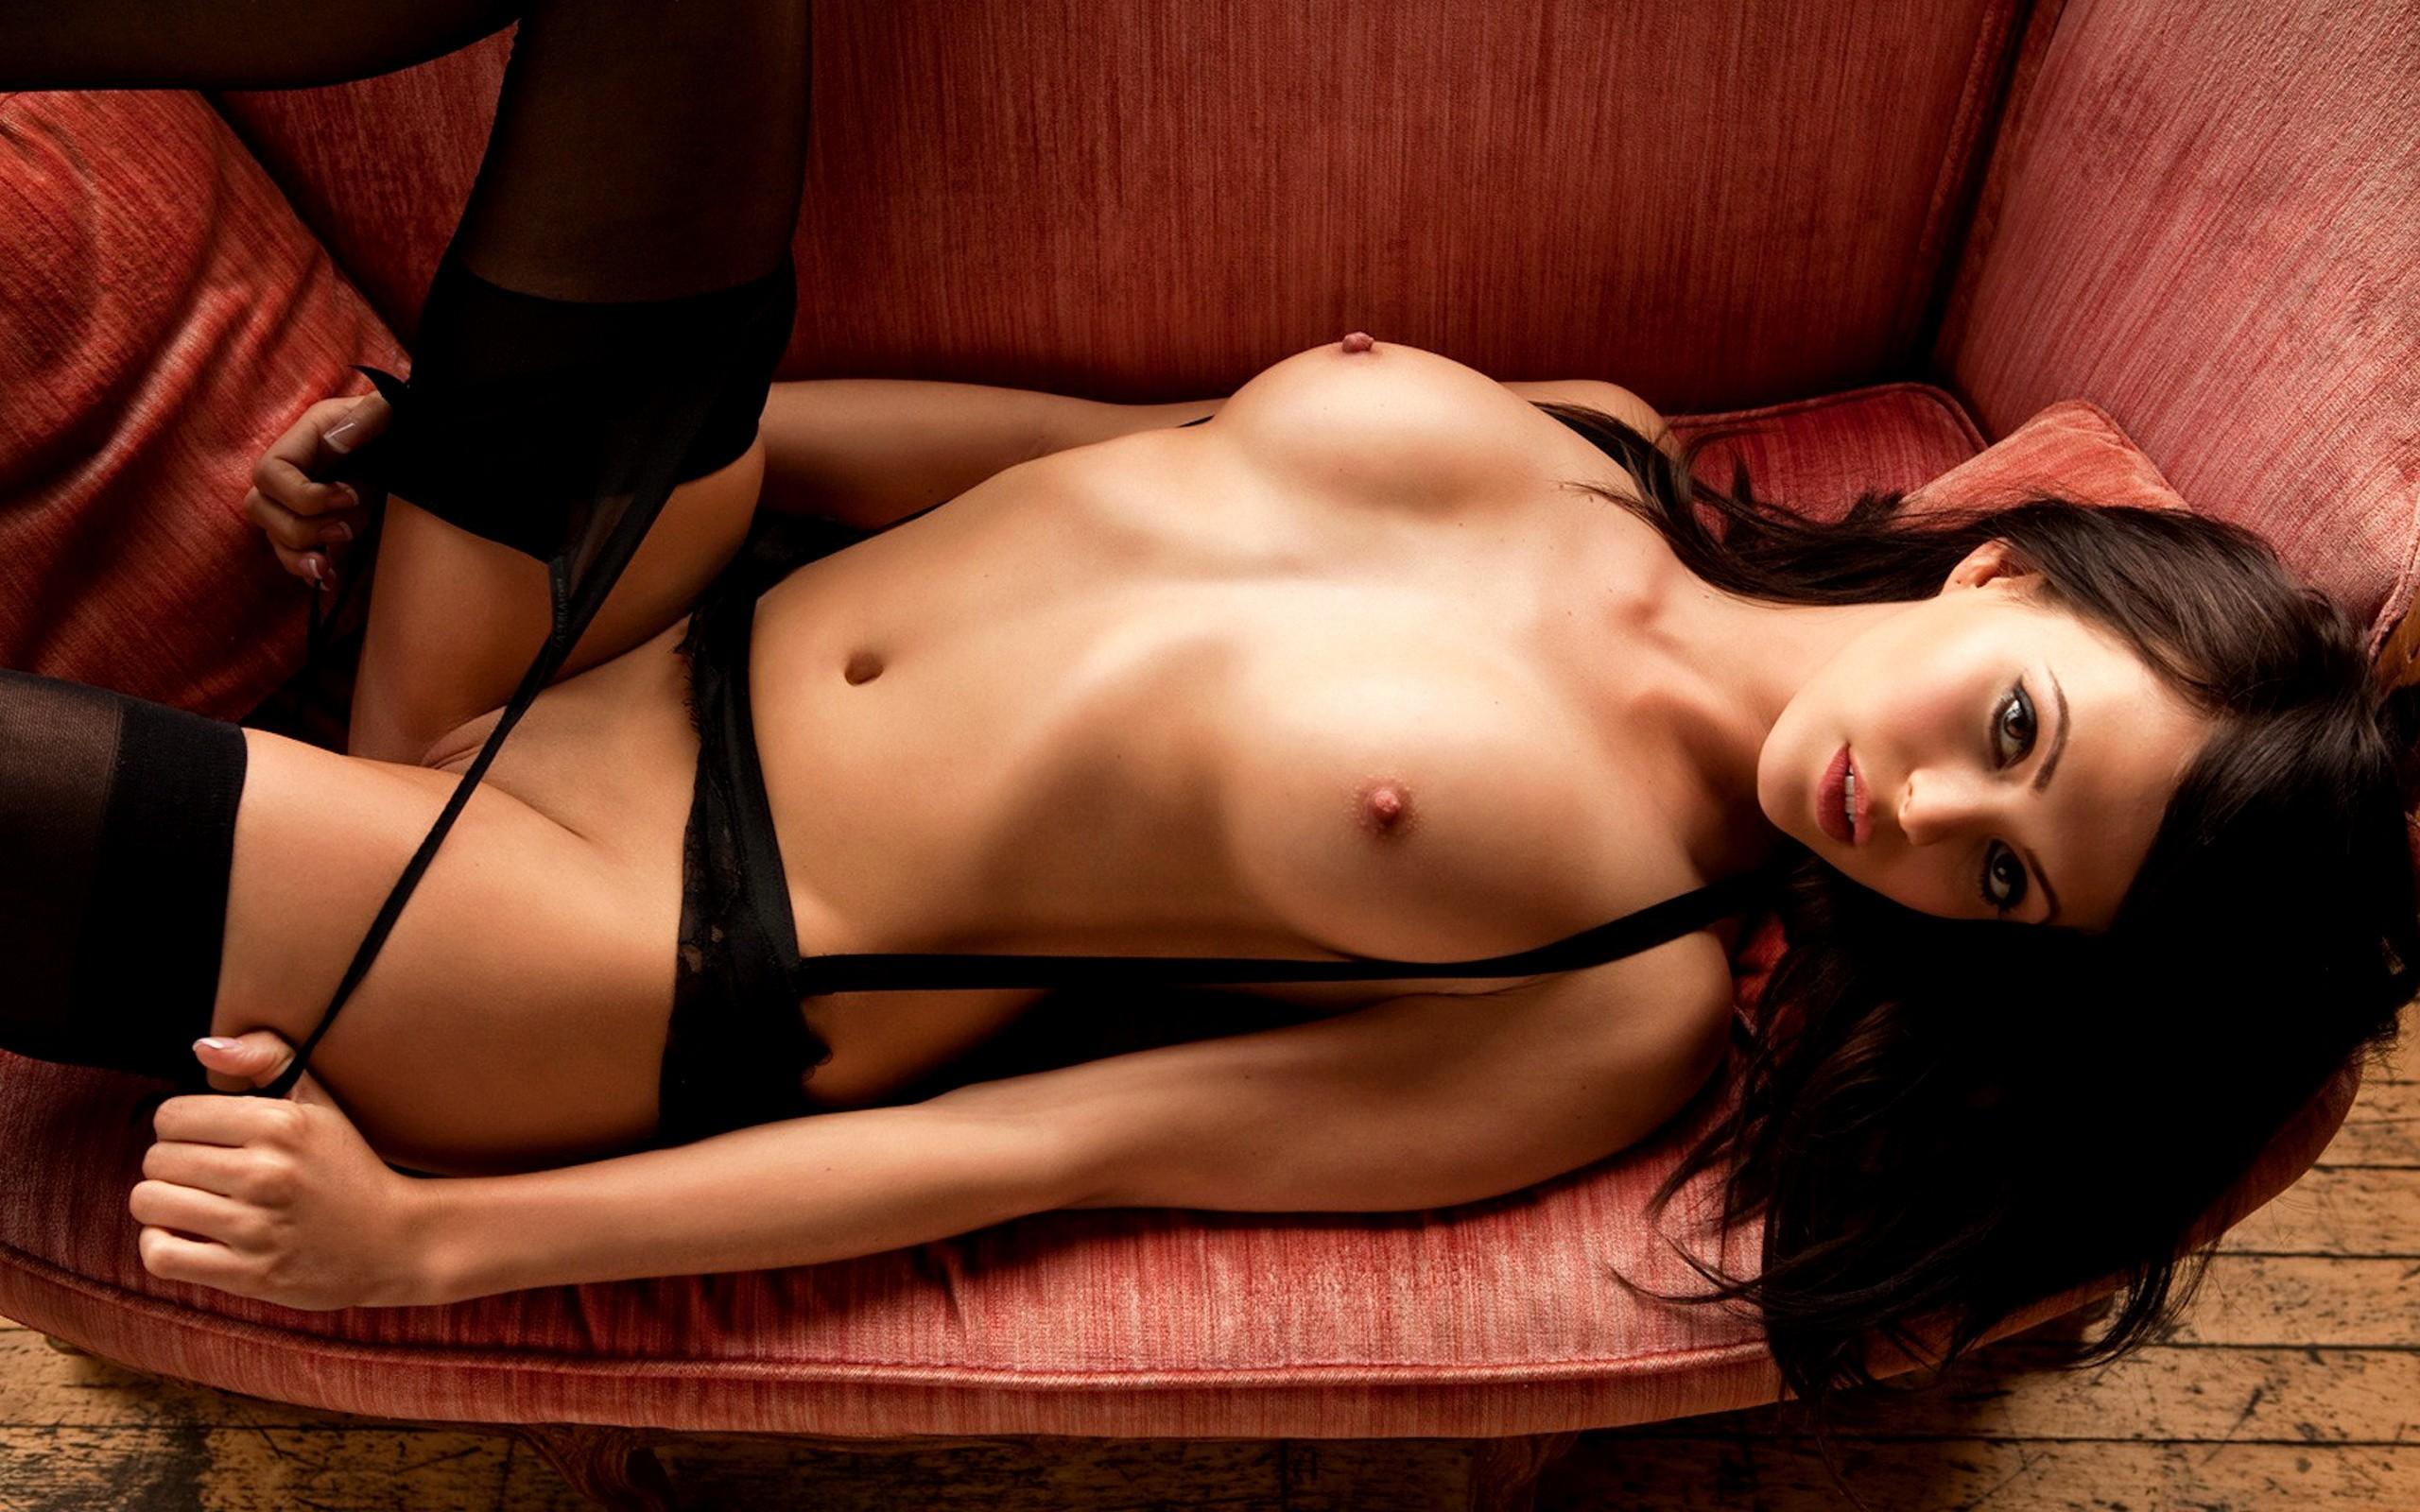 картинки голых женщин секс